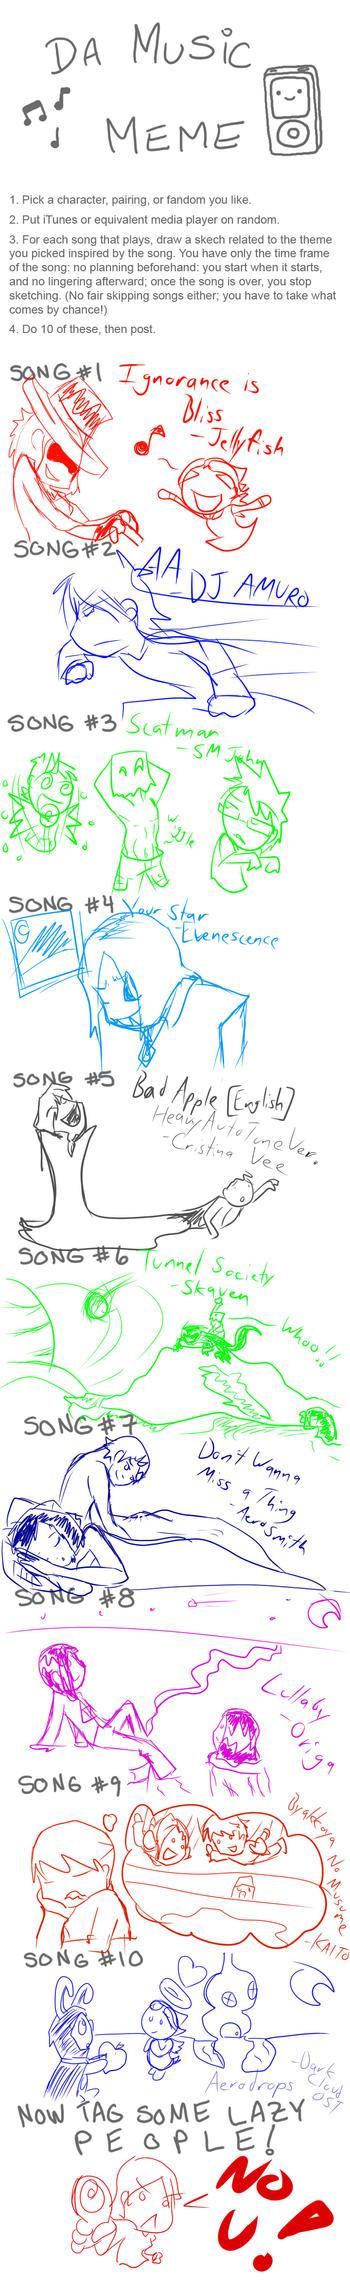 Music Meme by Seliex by Seliex